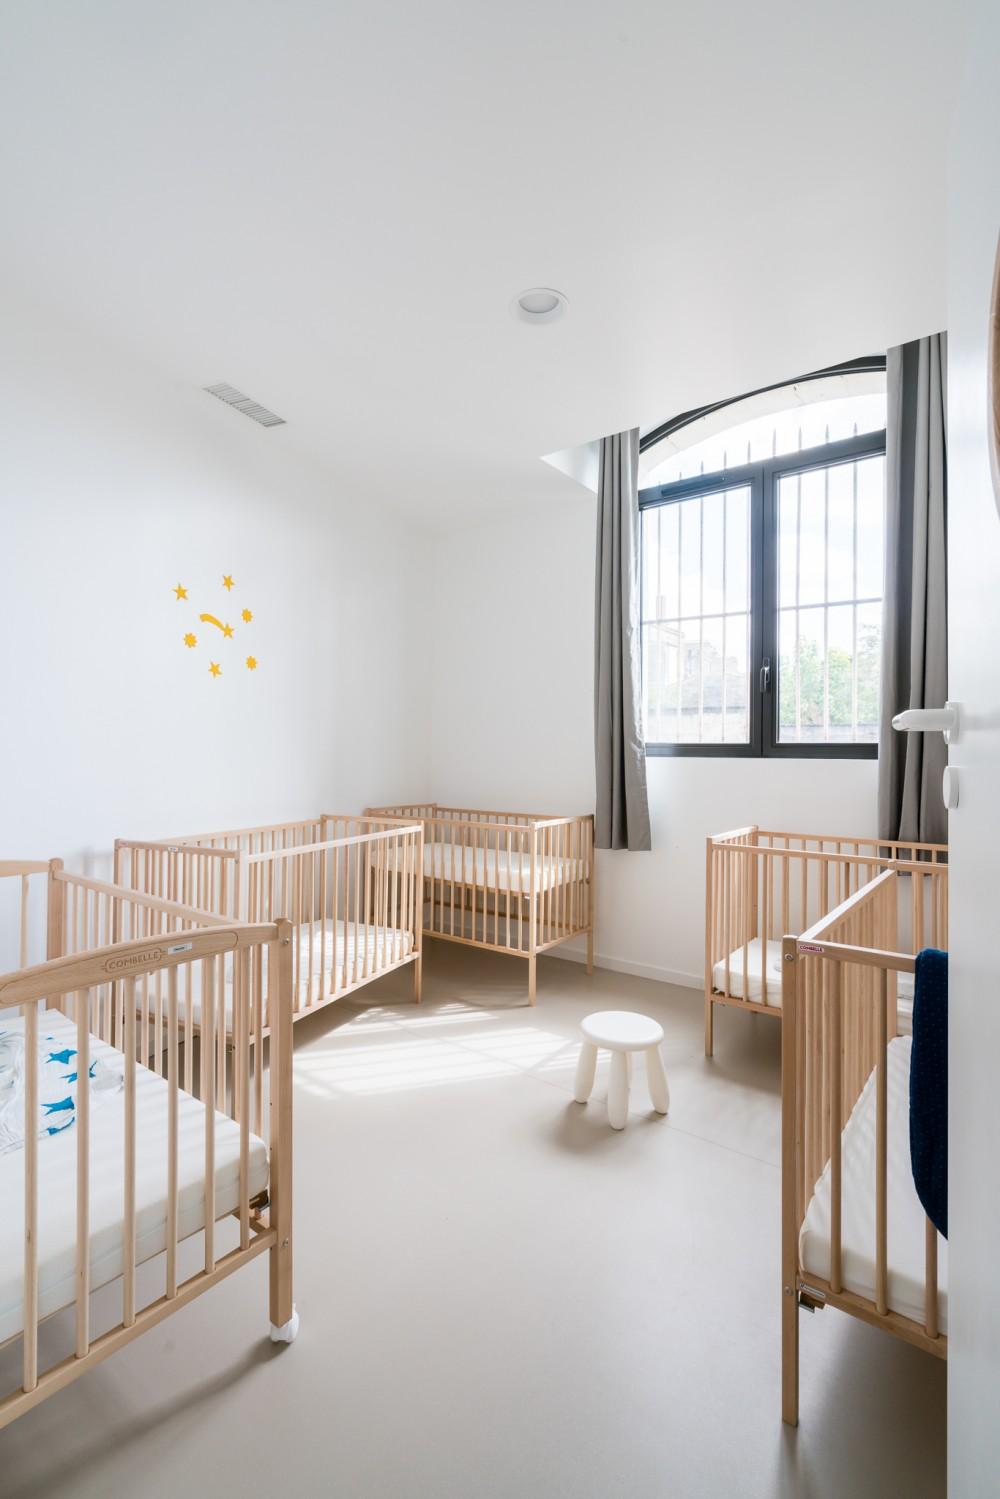 Photographe-Architecture-Interieur-Croix-Seguey-Bordeaux-Fabre-deMarien-Architectes-11